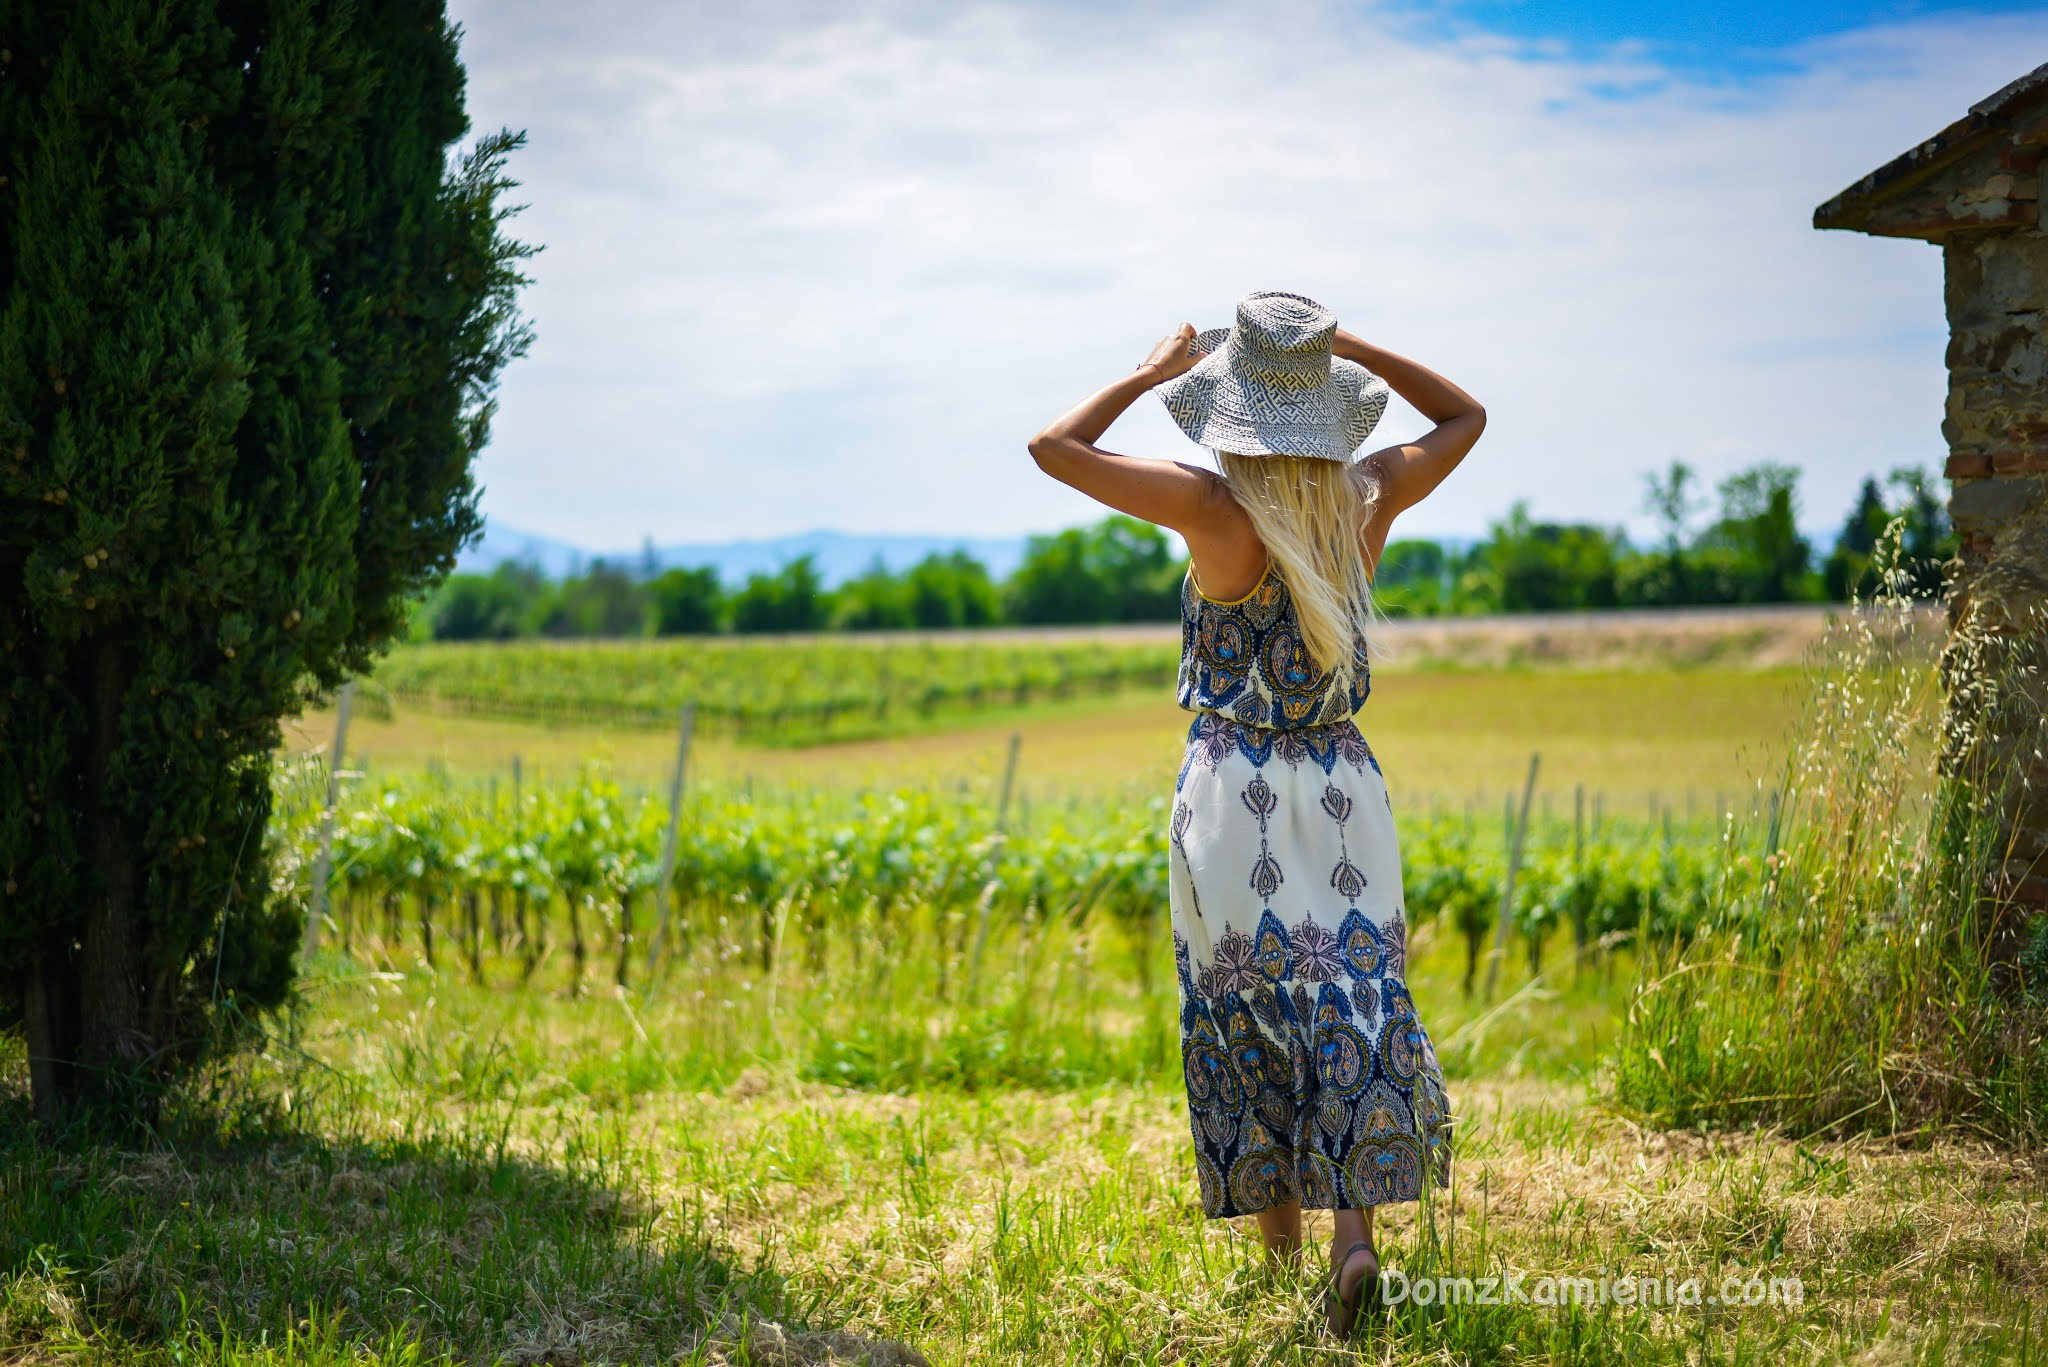 Dom z Kamienia, wakacje w Toskanii, blog